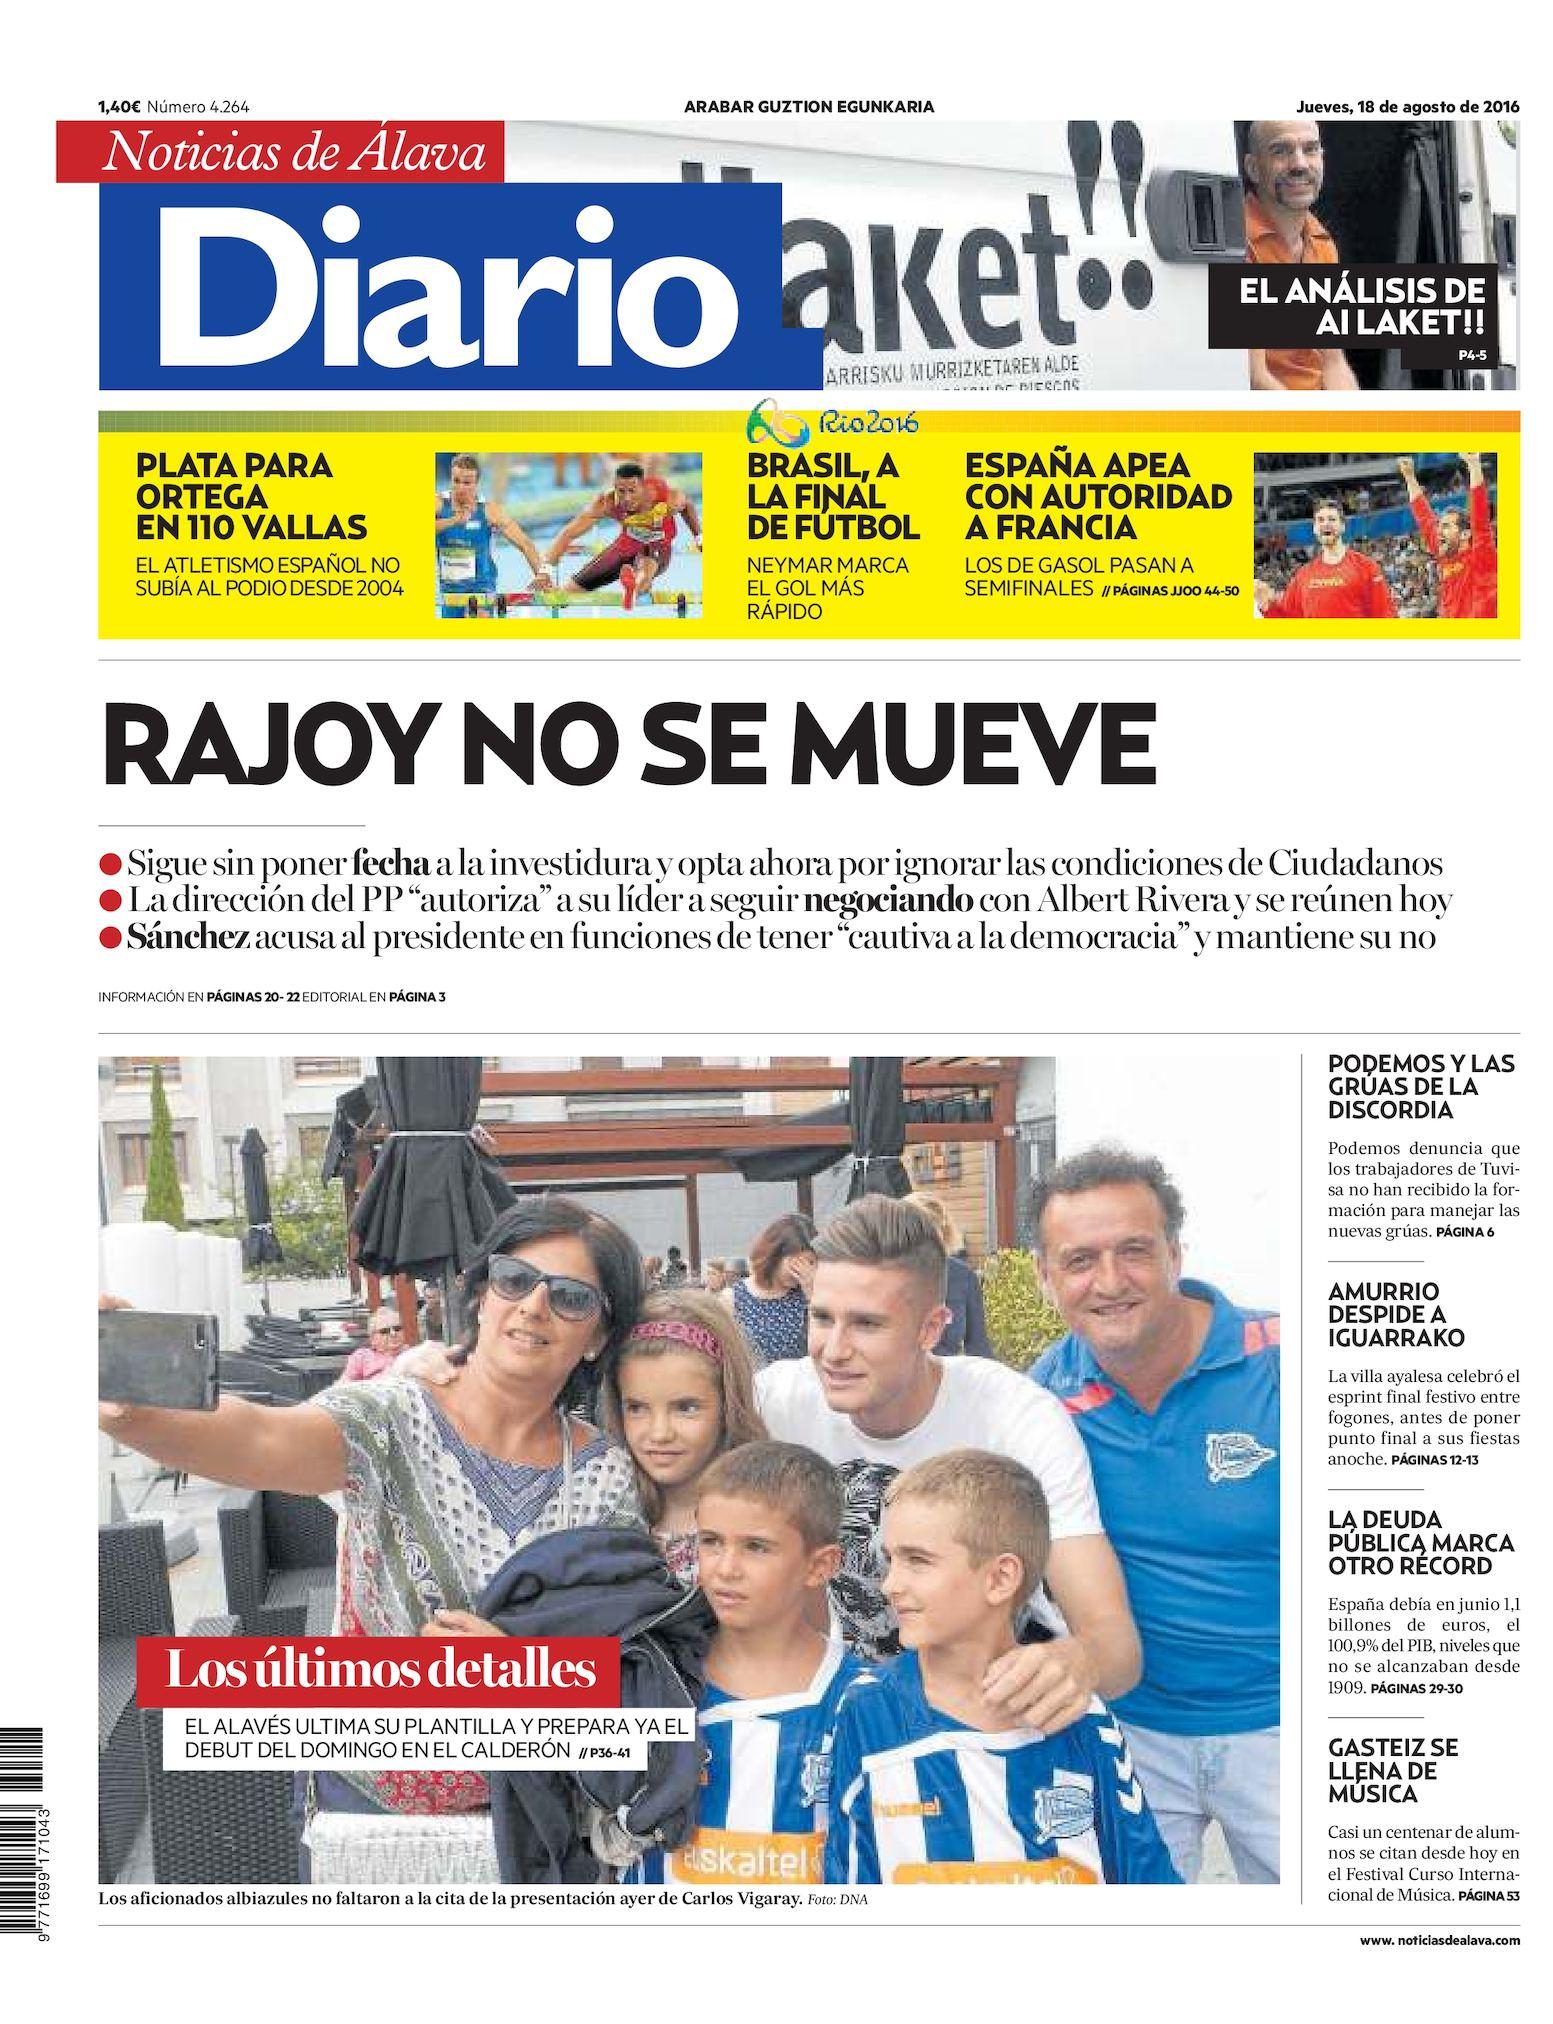 Calaméo - Diario de Noticias de Álava 20160818